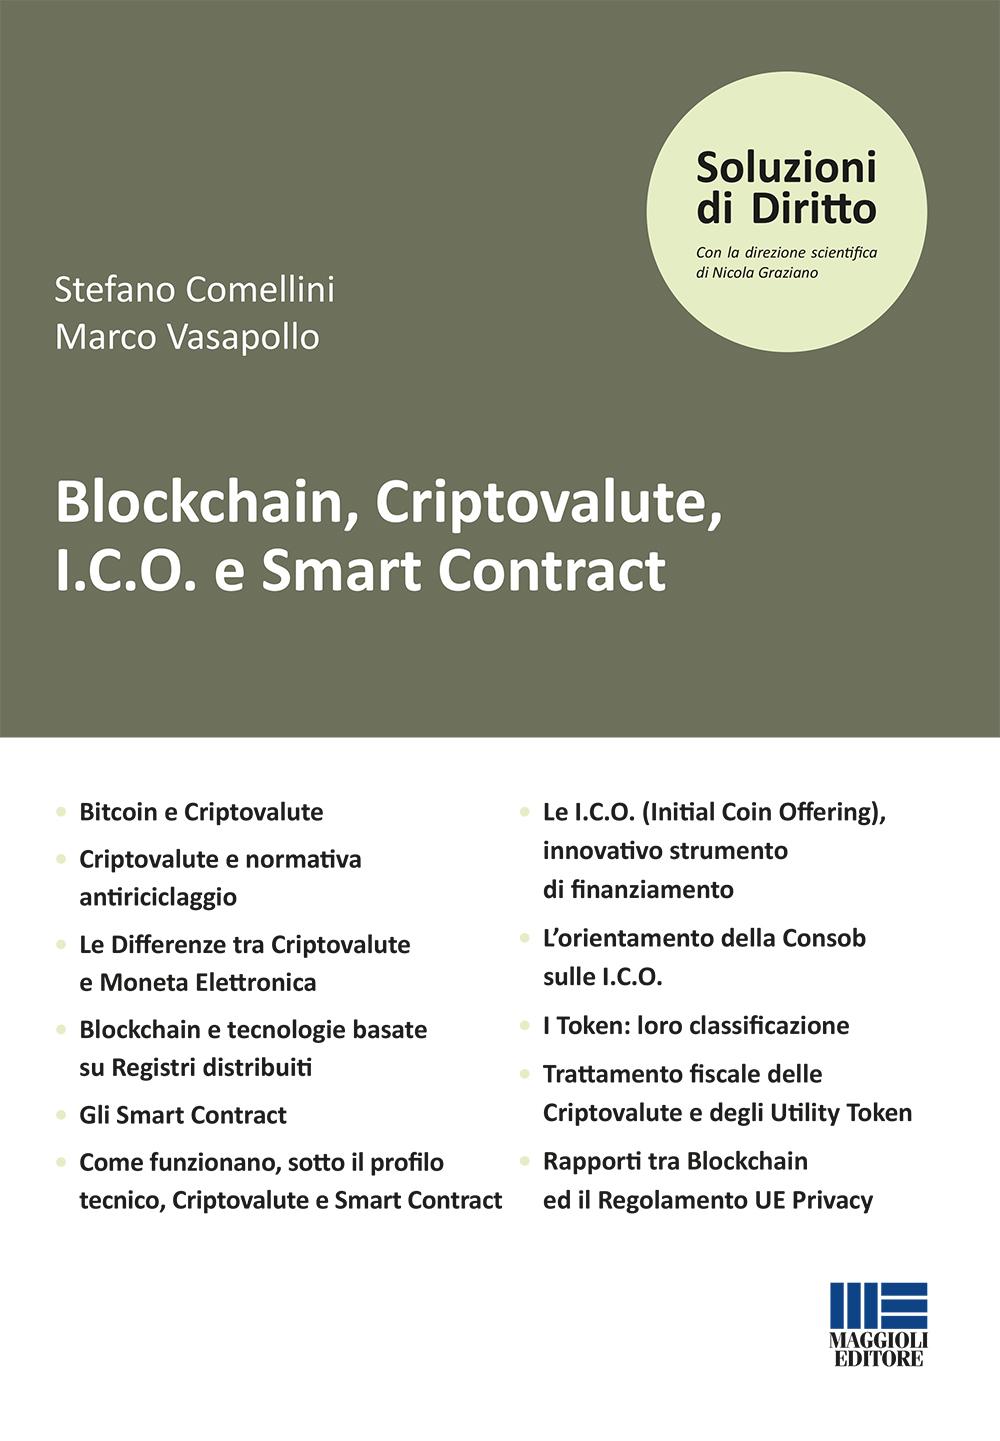 Blockchain, Criptovalute, I.C.O. e Smart Contract